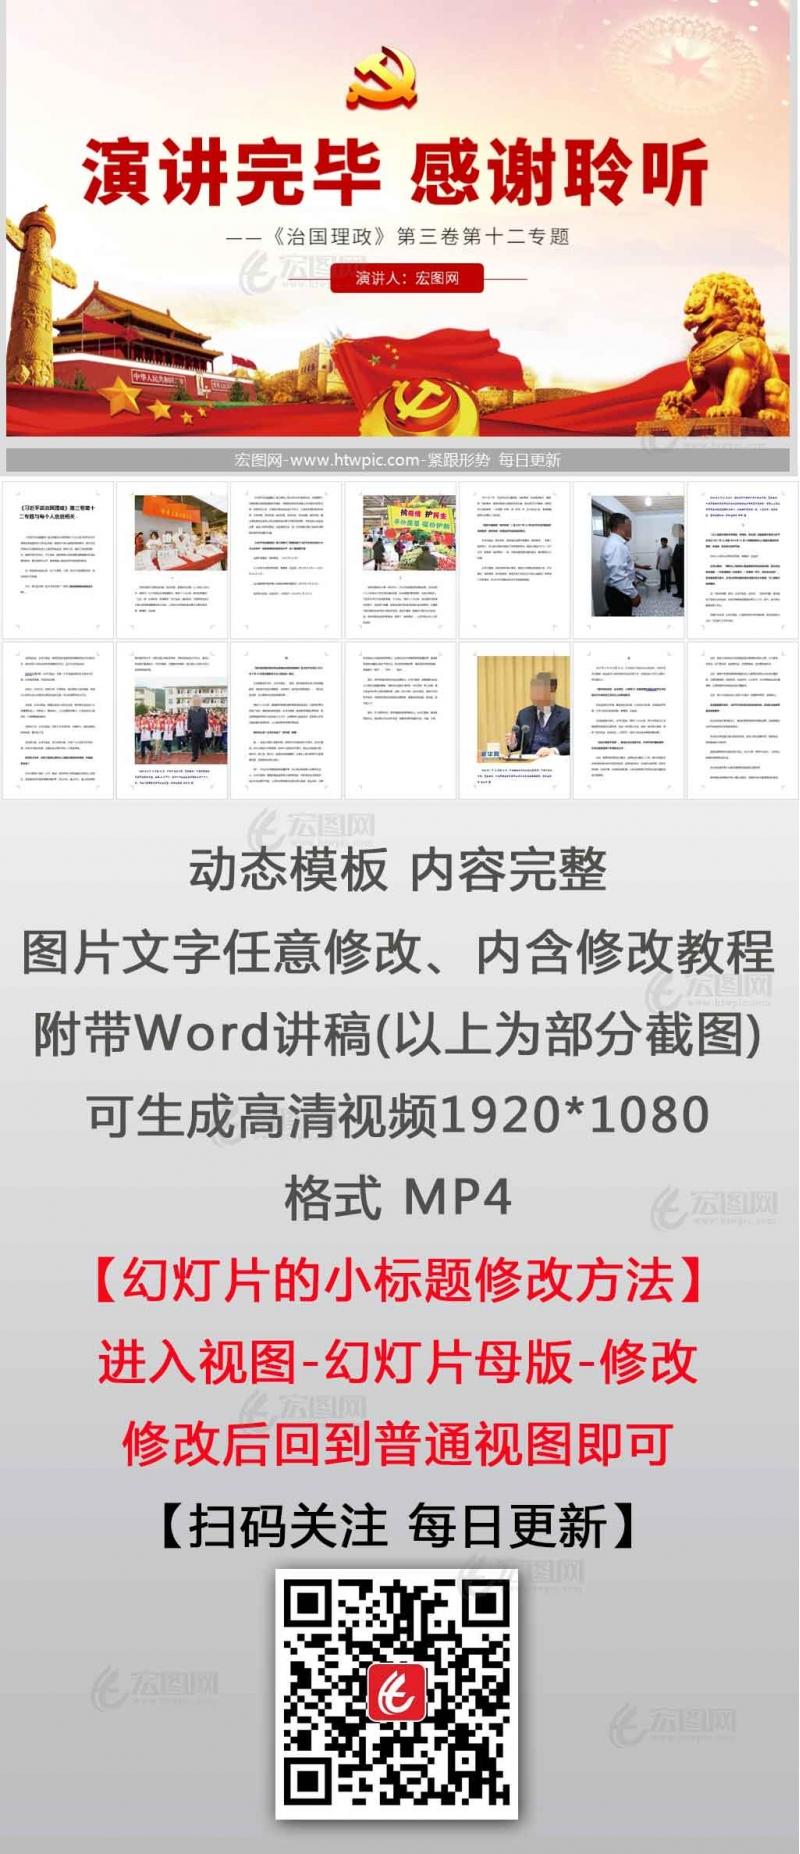 《治国理政》第三卷第十二专题提高保障和改善民生水平微党课PPT